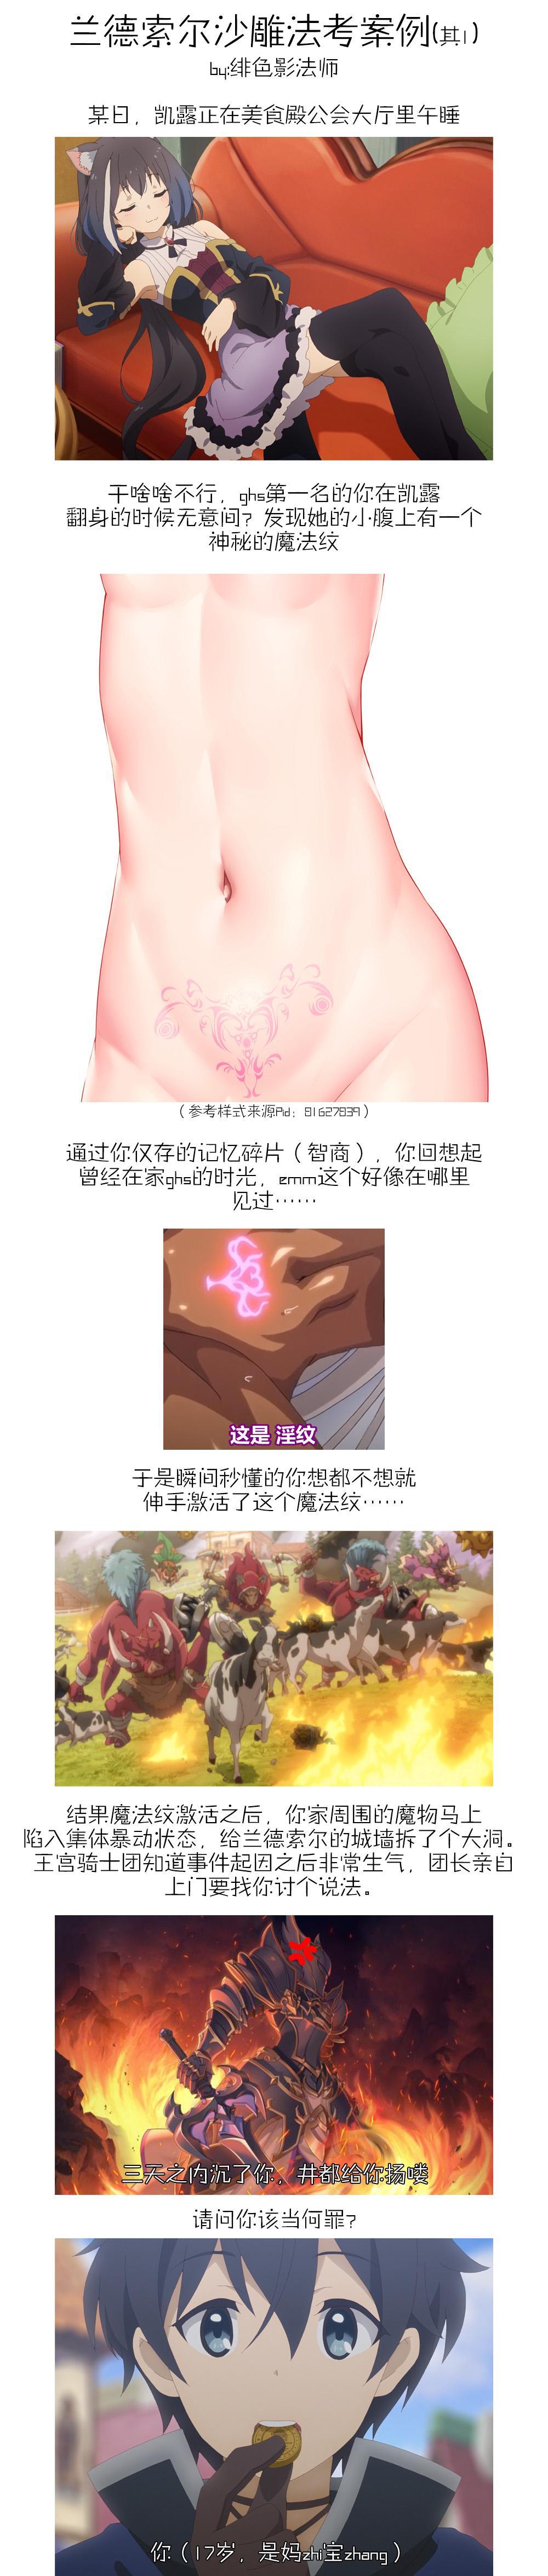 Gentle Connect! Re:Dive 2 'Amakuchi' 20